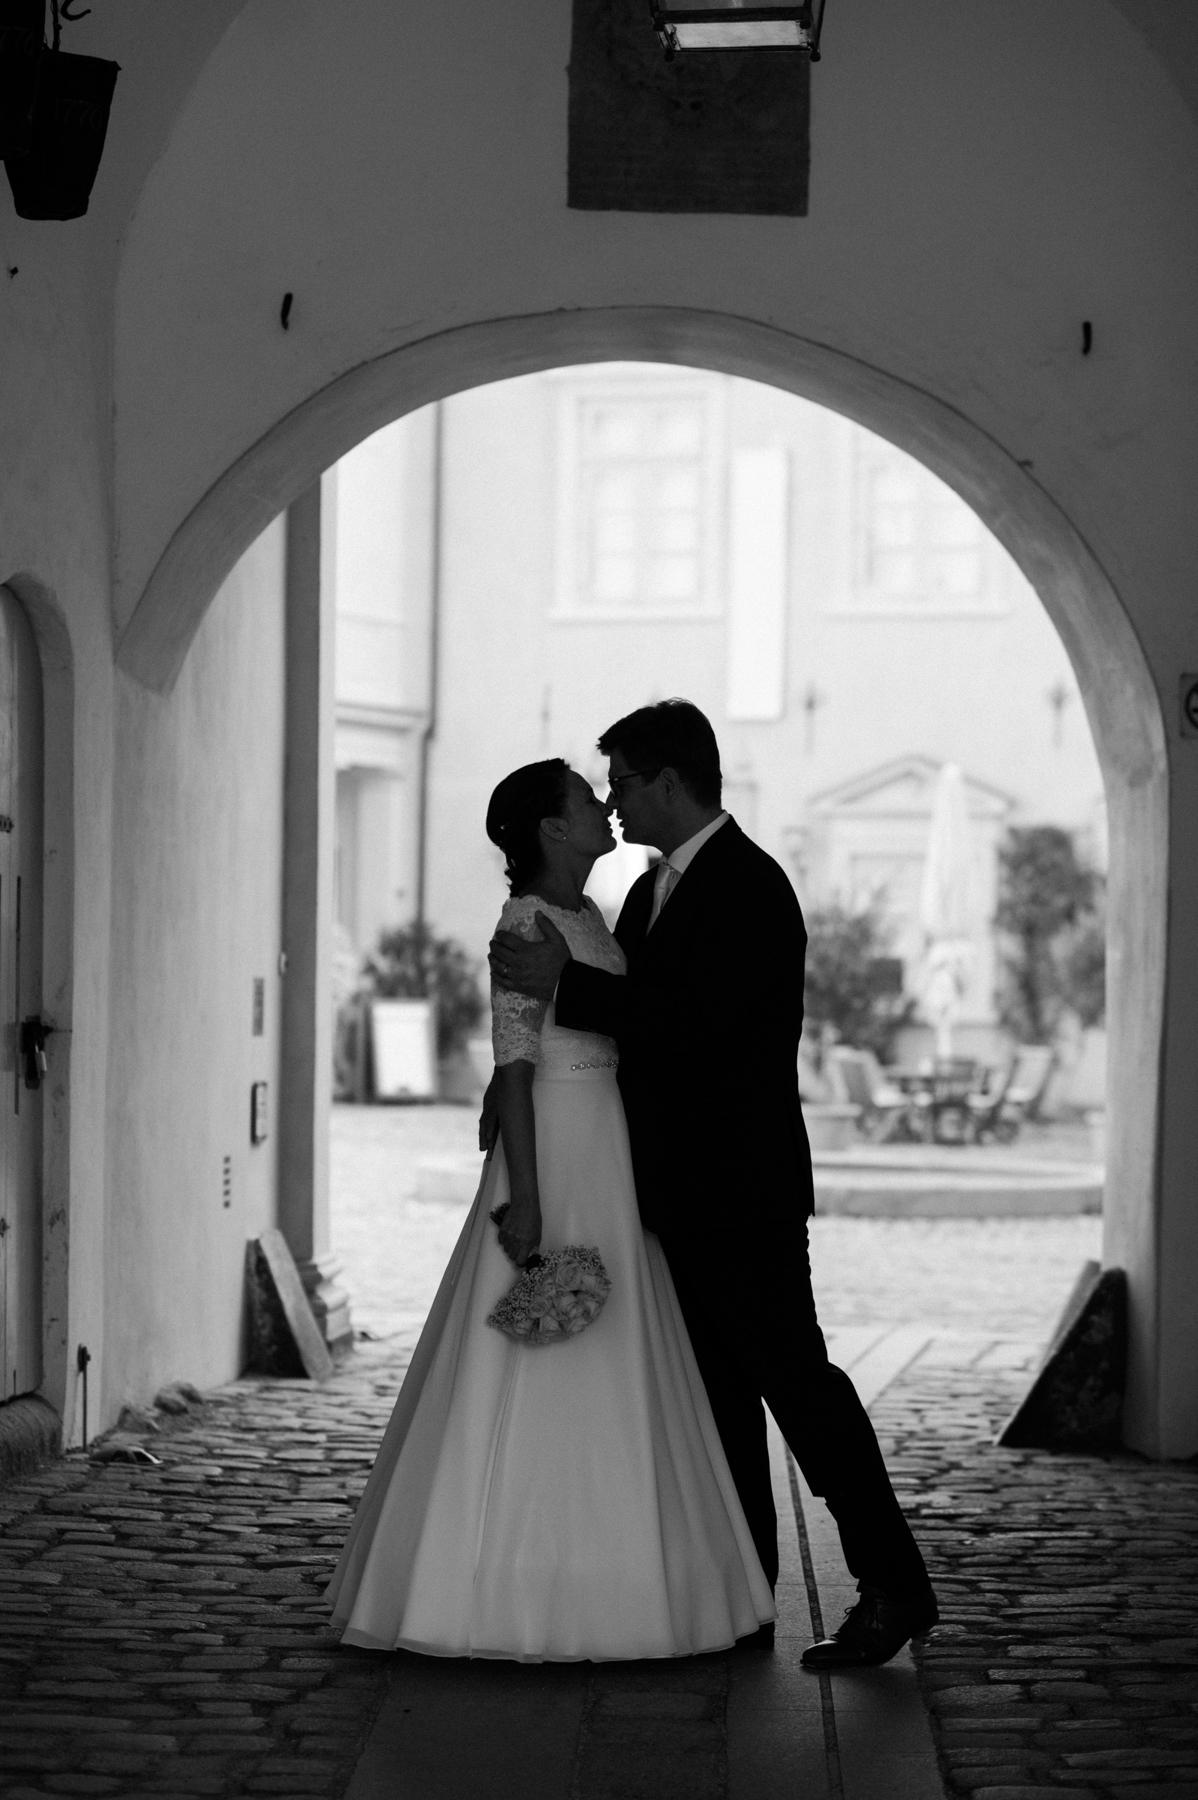 Bluhm-Hochzeitsfotograf-HochzeitamMeer-50.jpg